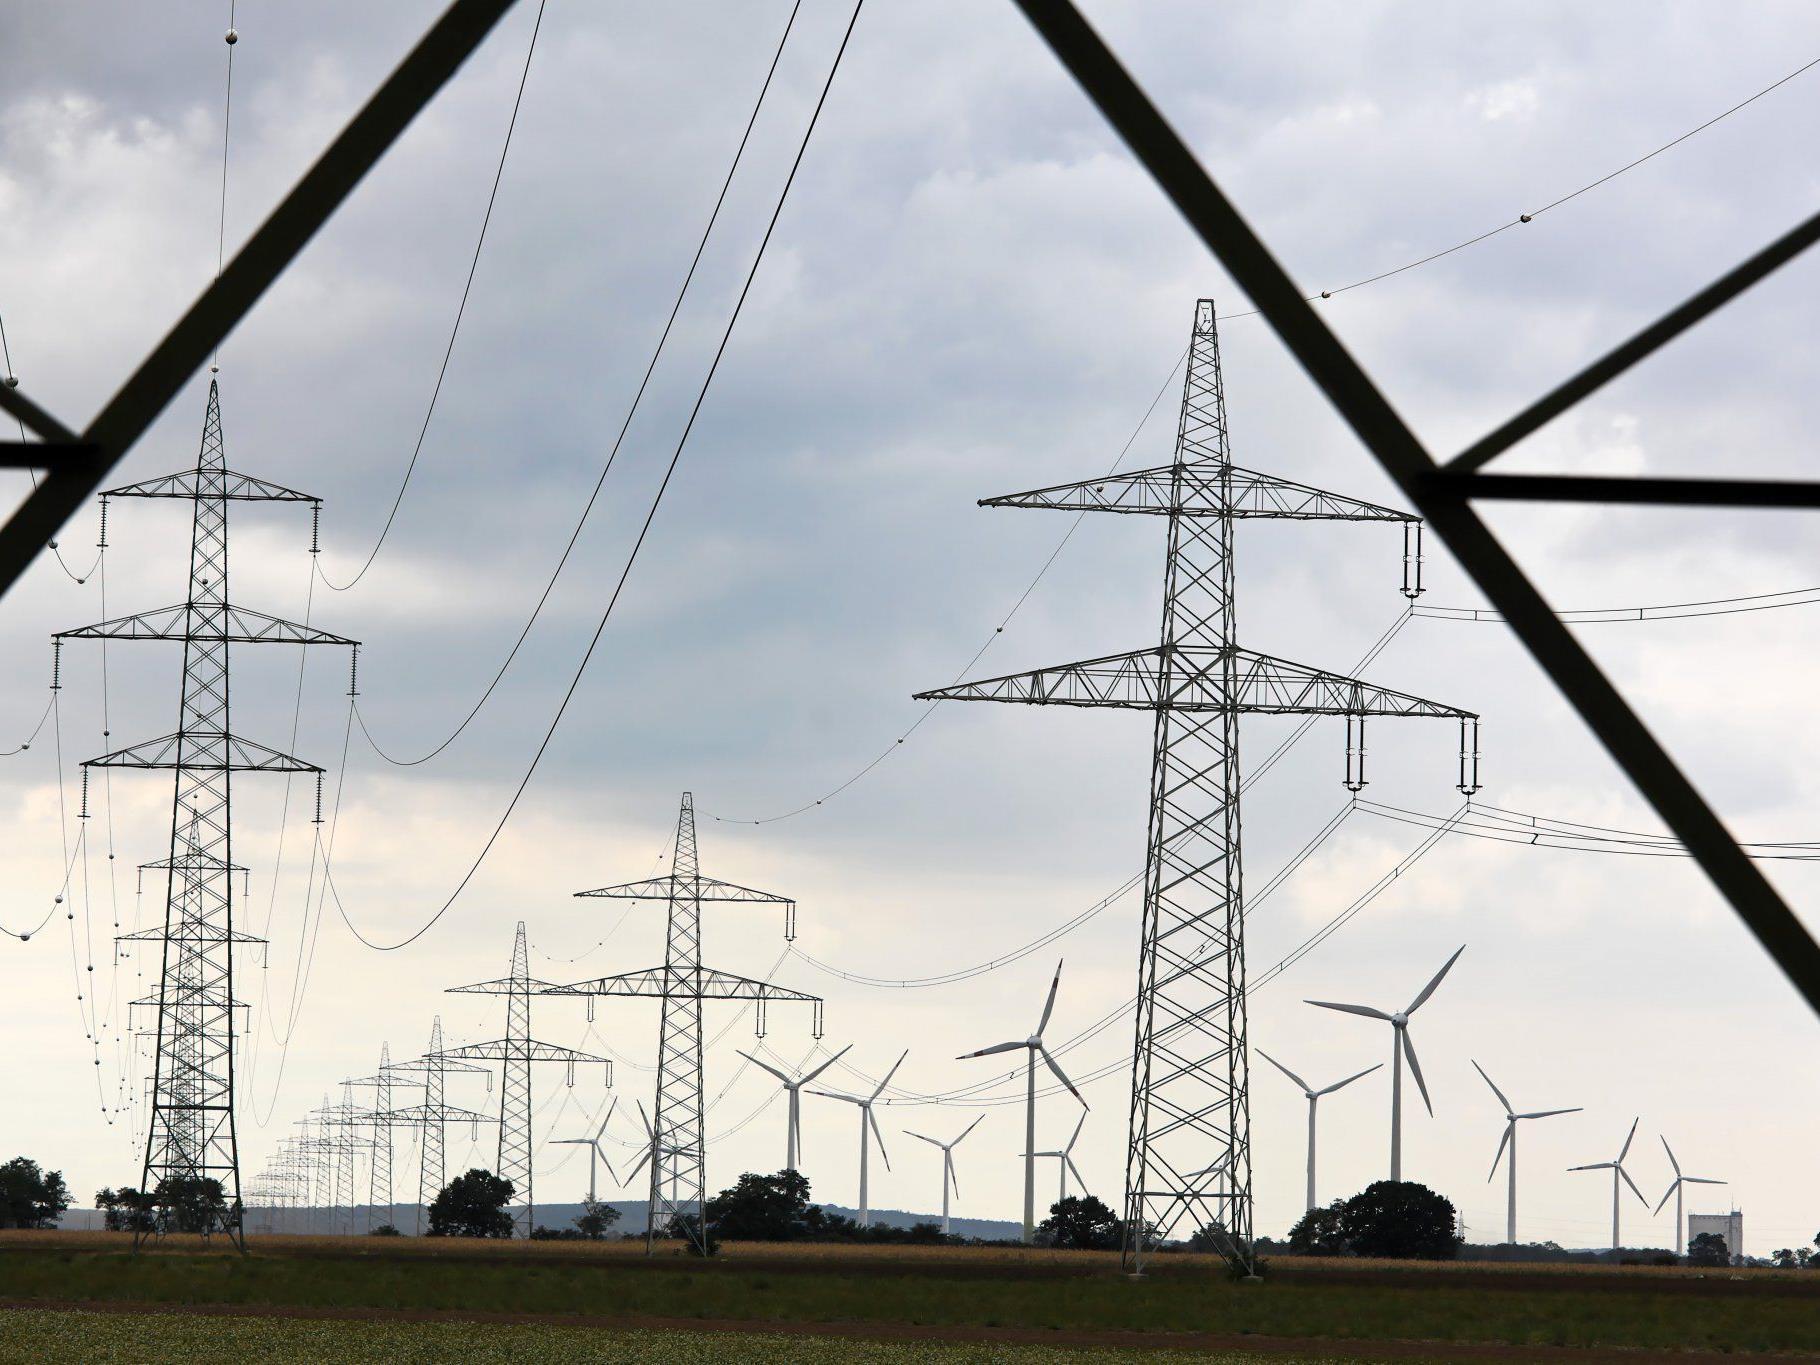 Diskussion um den Energieeffizienz-Vorschlag aus dem Wirtschaftsministerium setzt sich fort.